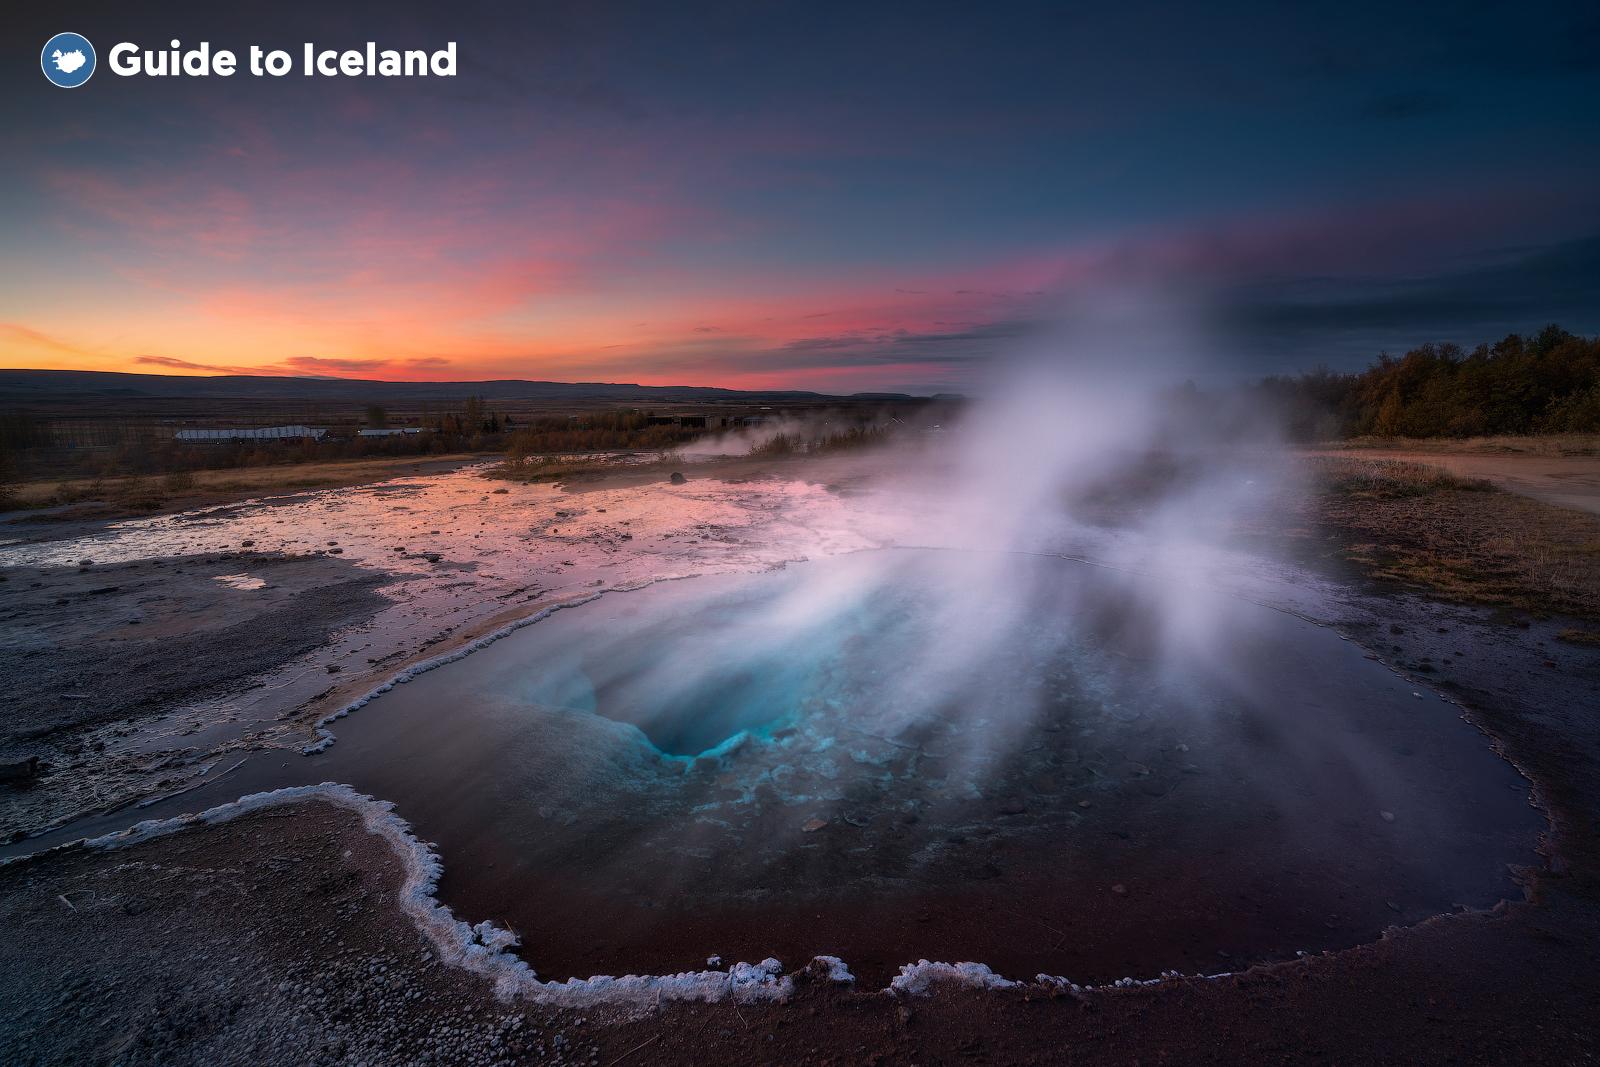 Pełna przygód 7-dniowa, samodzielna wycieczka po Islandii wraz z interiorem